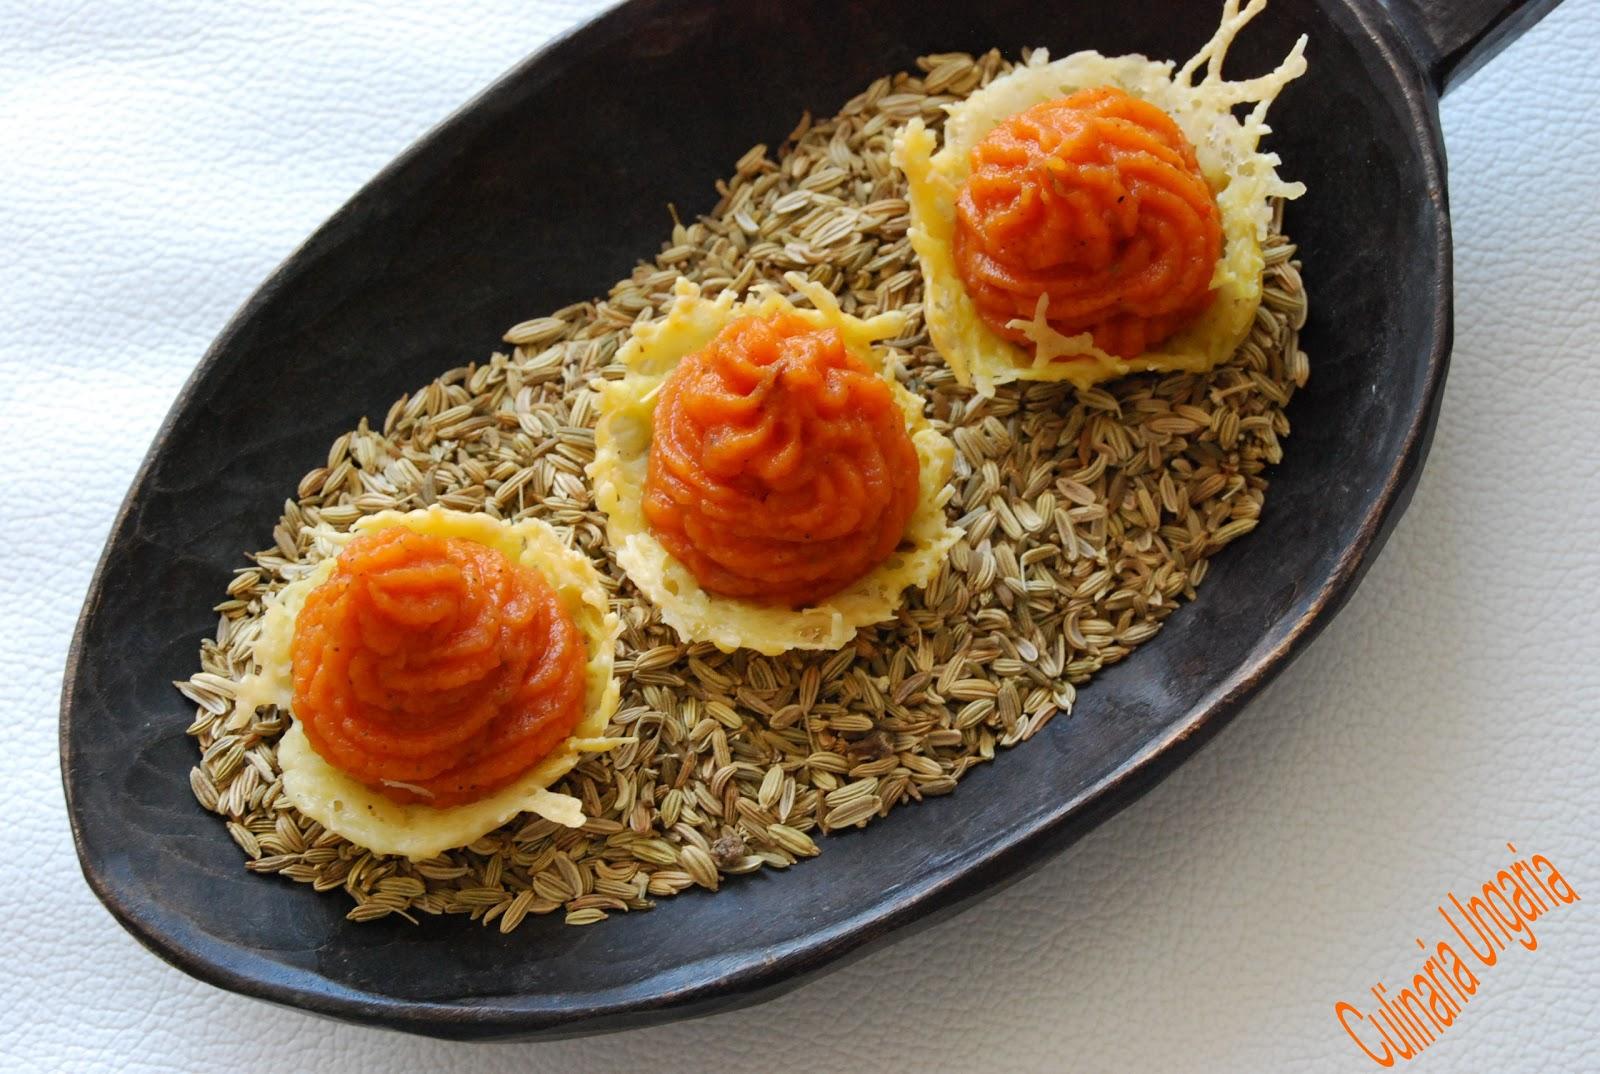 culinaria ungaria gef llte w rzige parmesan k rbchen mit orientalischer karottencreme. Black Bedroom Furniture Sets. Home Design Ideas